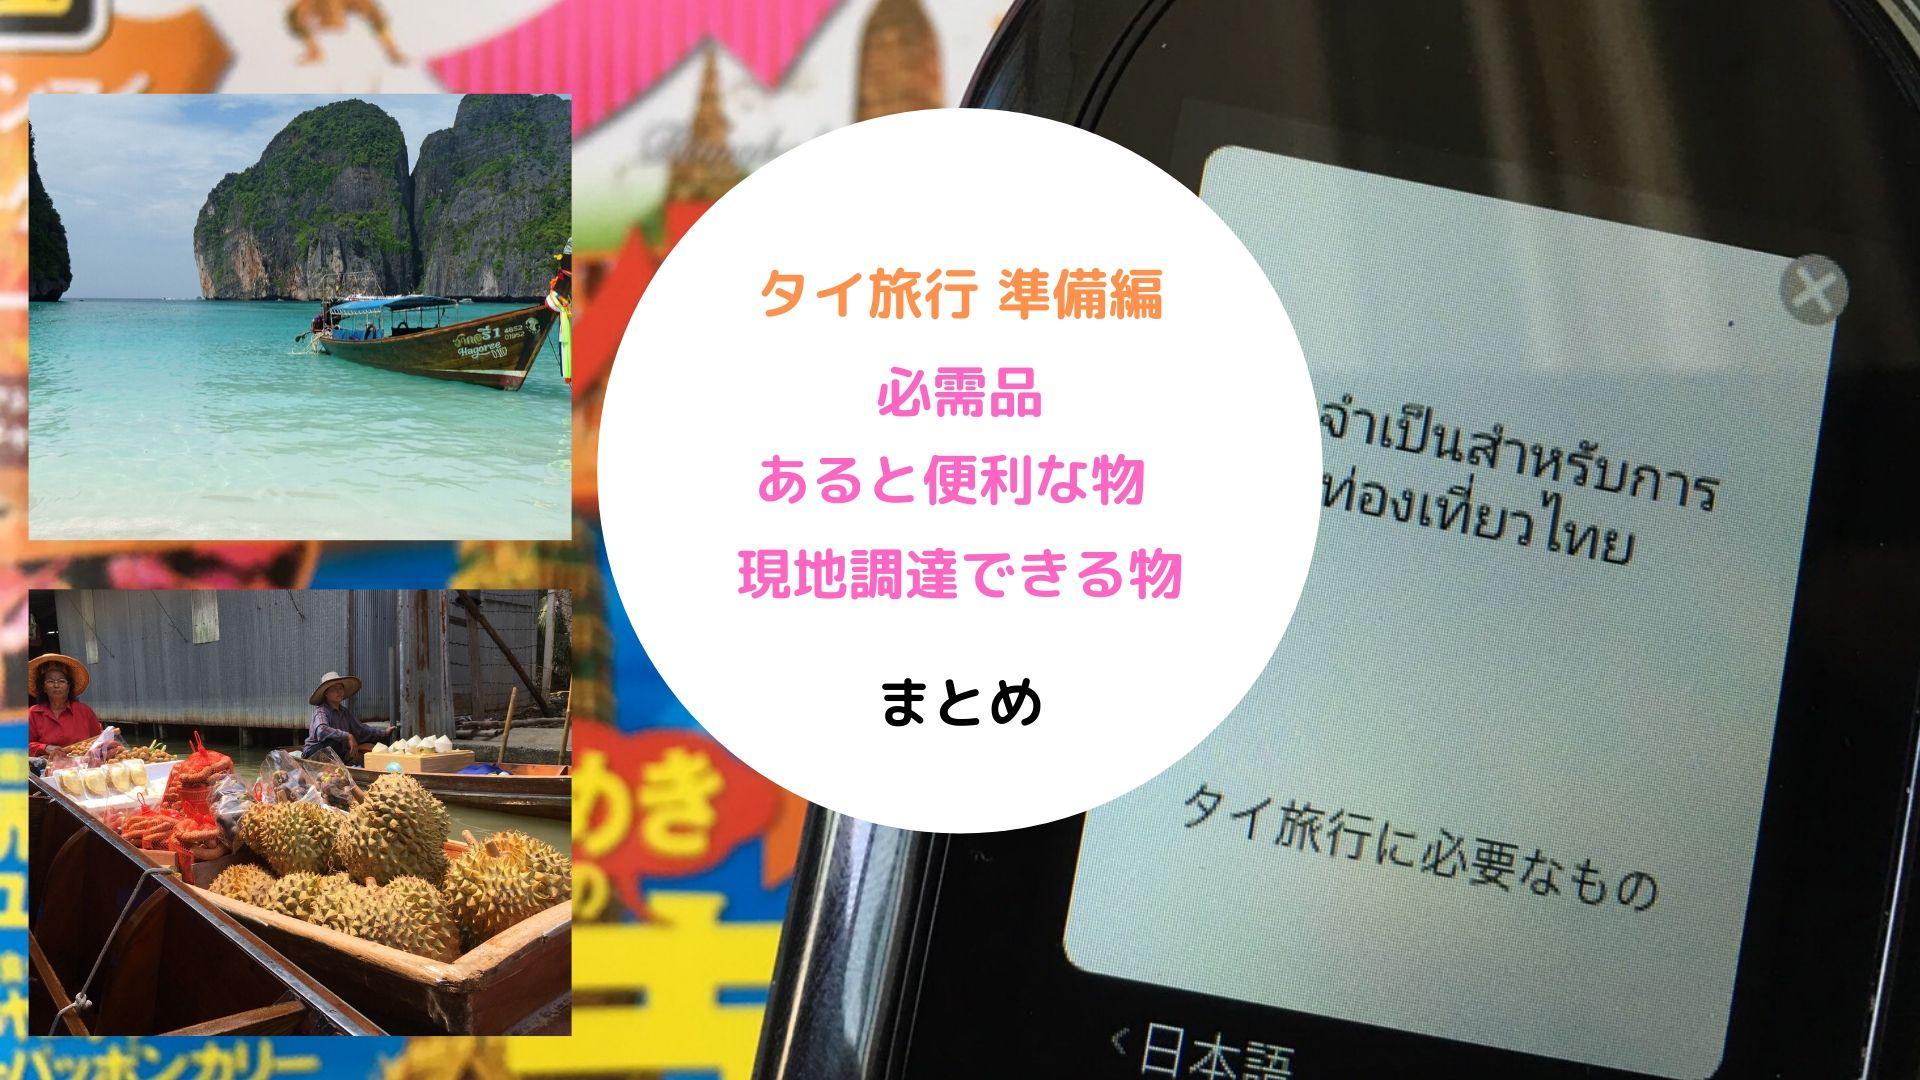 タイ・バンコク旅行準備に!! 必要な物と便利な物・現地で調達できる物 ...